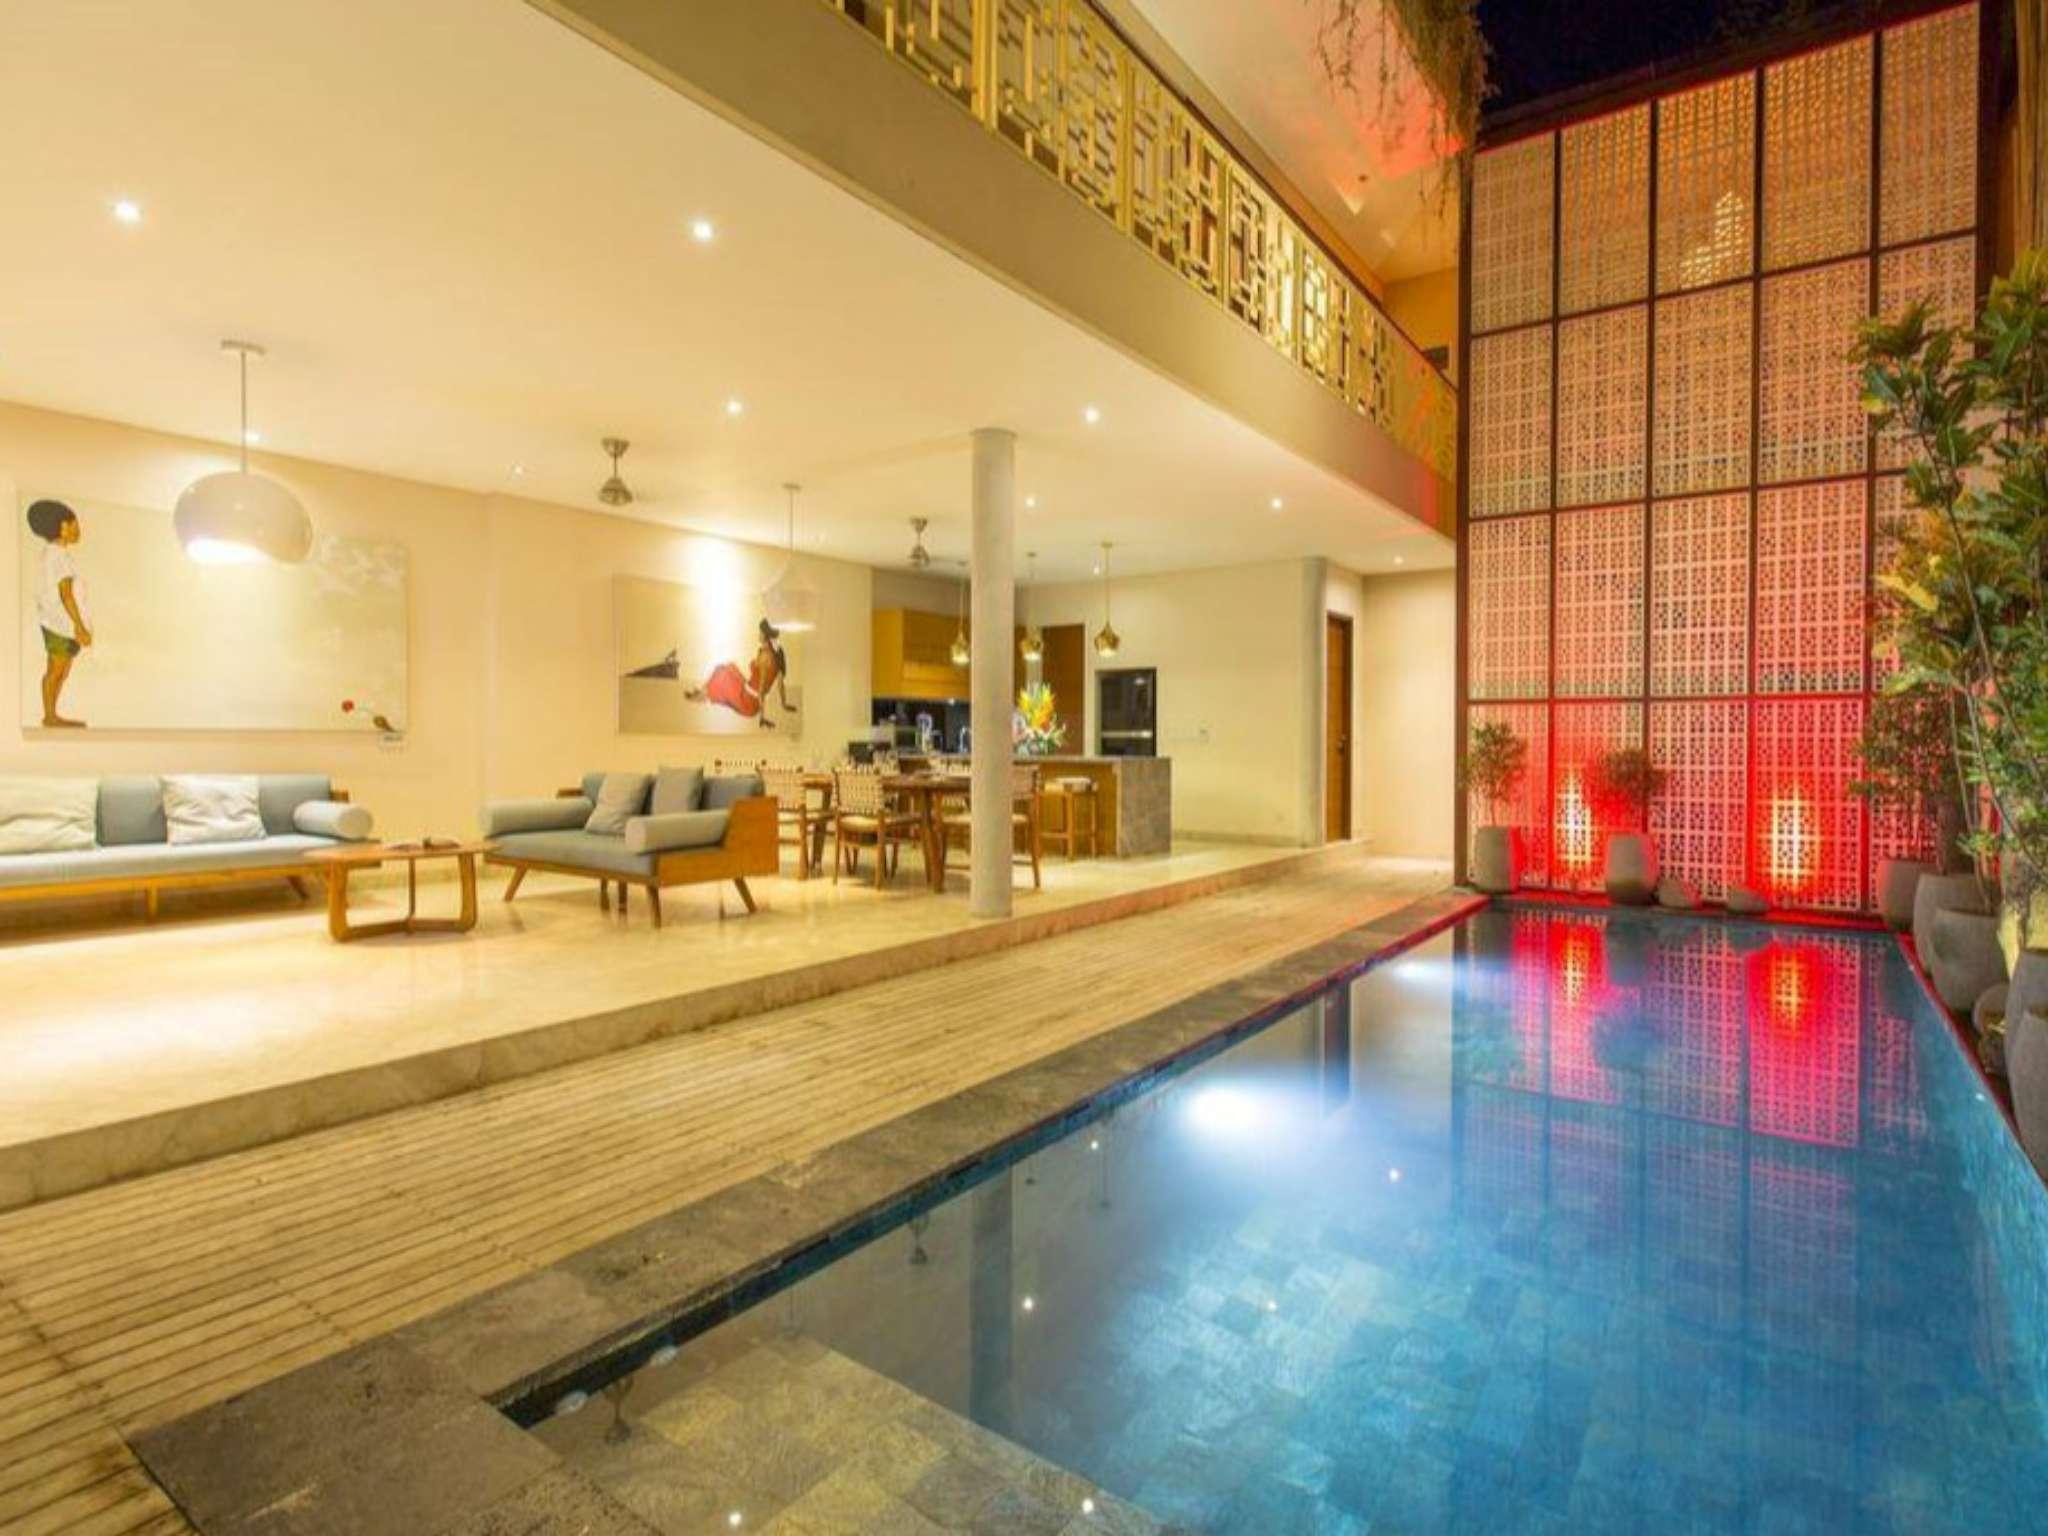 3BDR Villas With Private Pool Bali Legian   PROMO